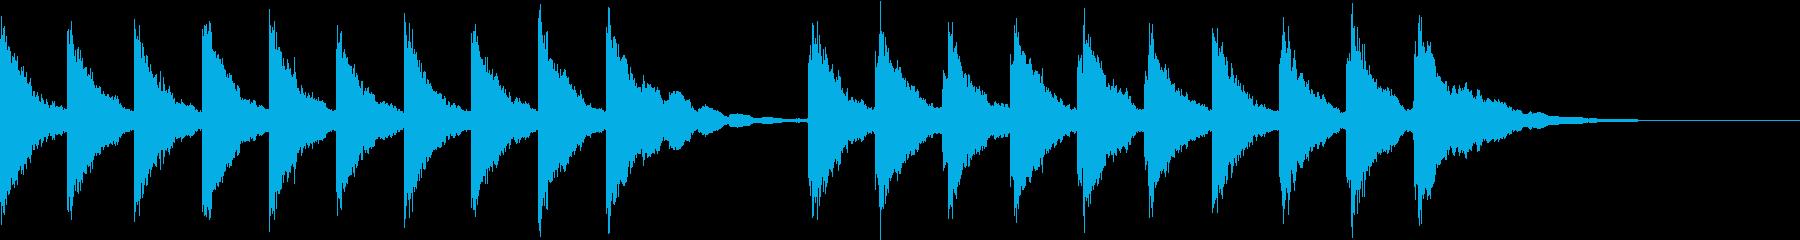 シンプルな鐘の音の開演ベルの再生済みの波形